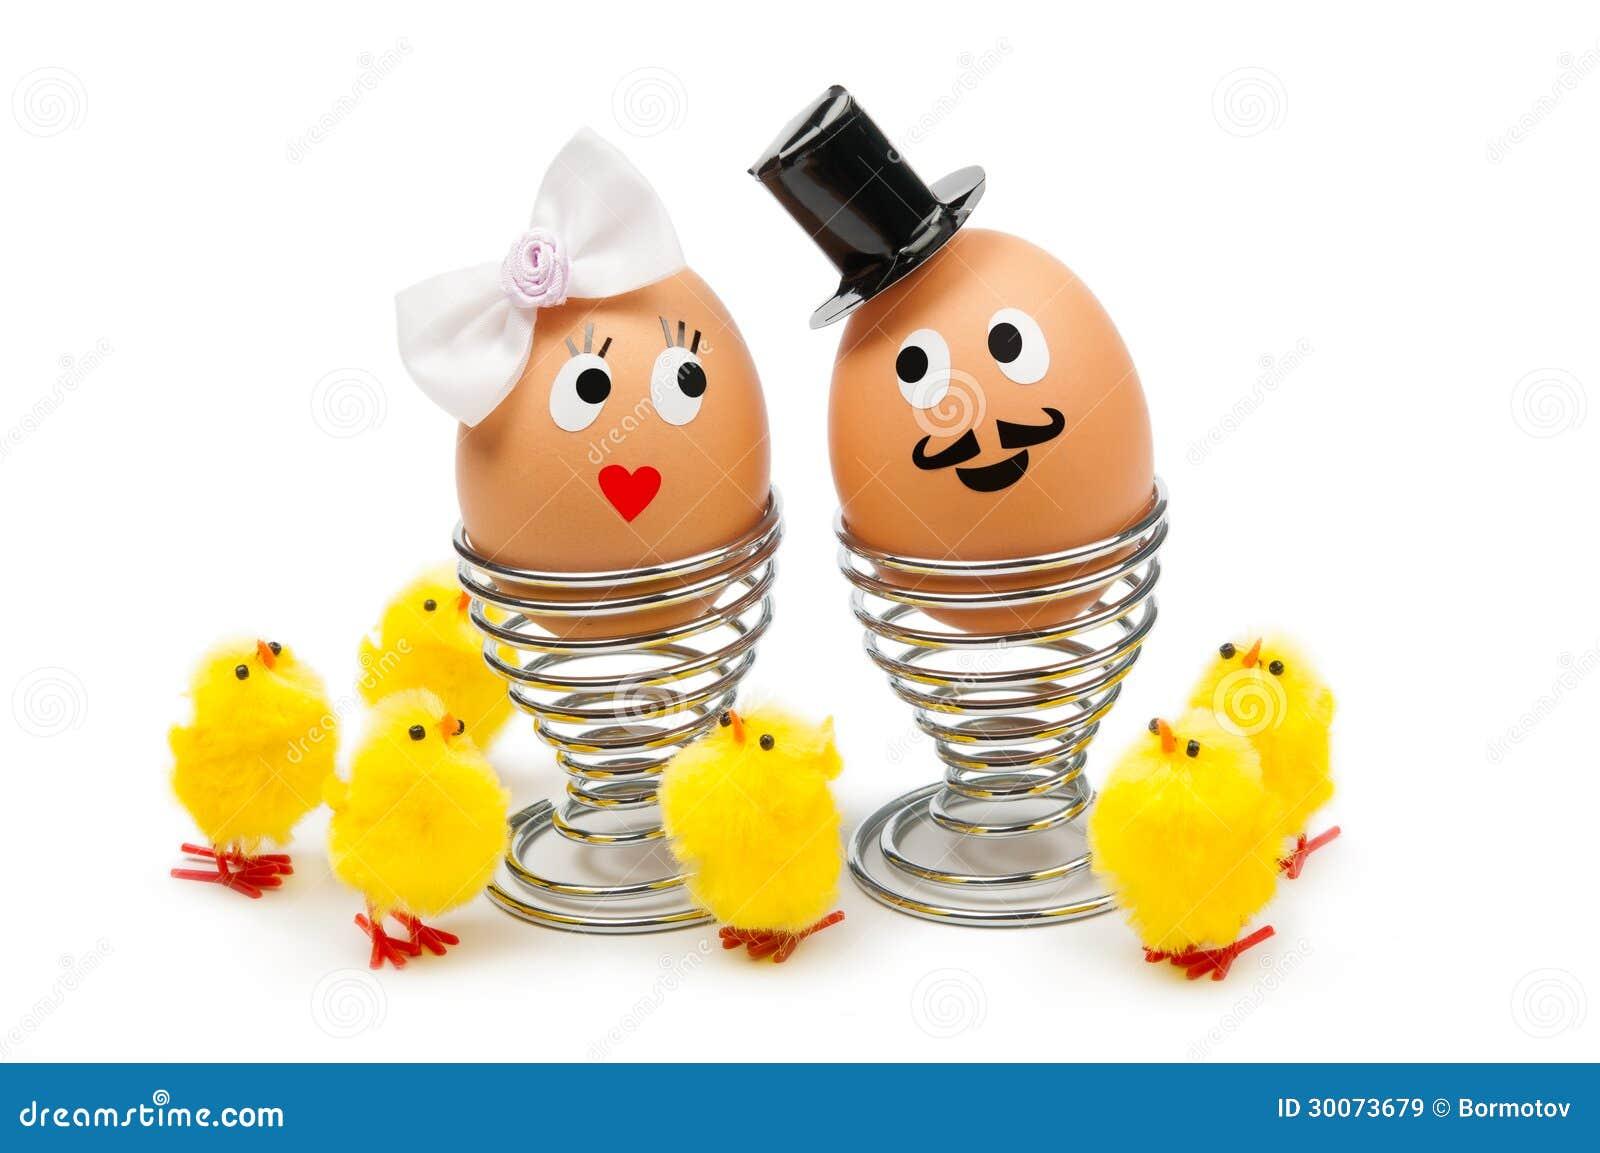 Eggs are funny